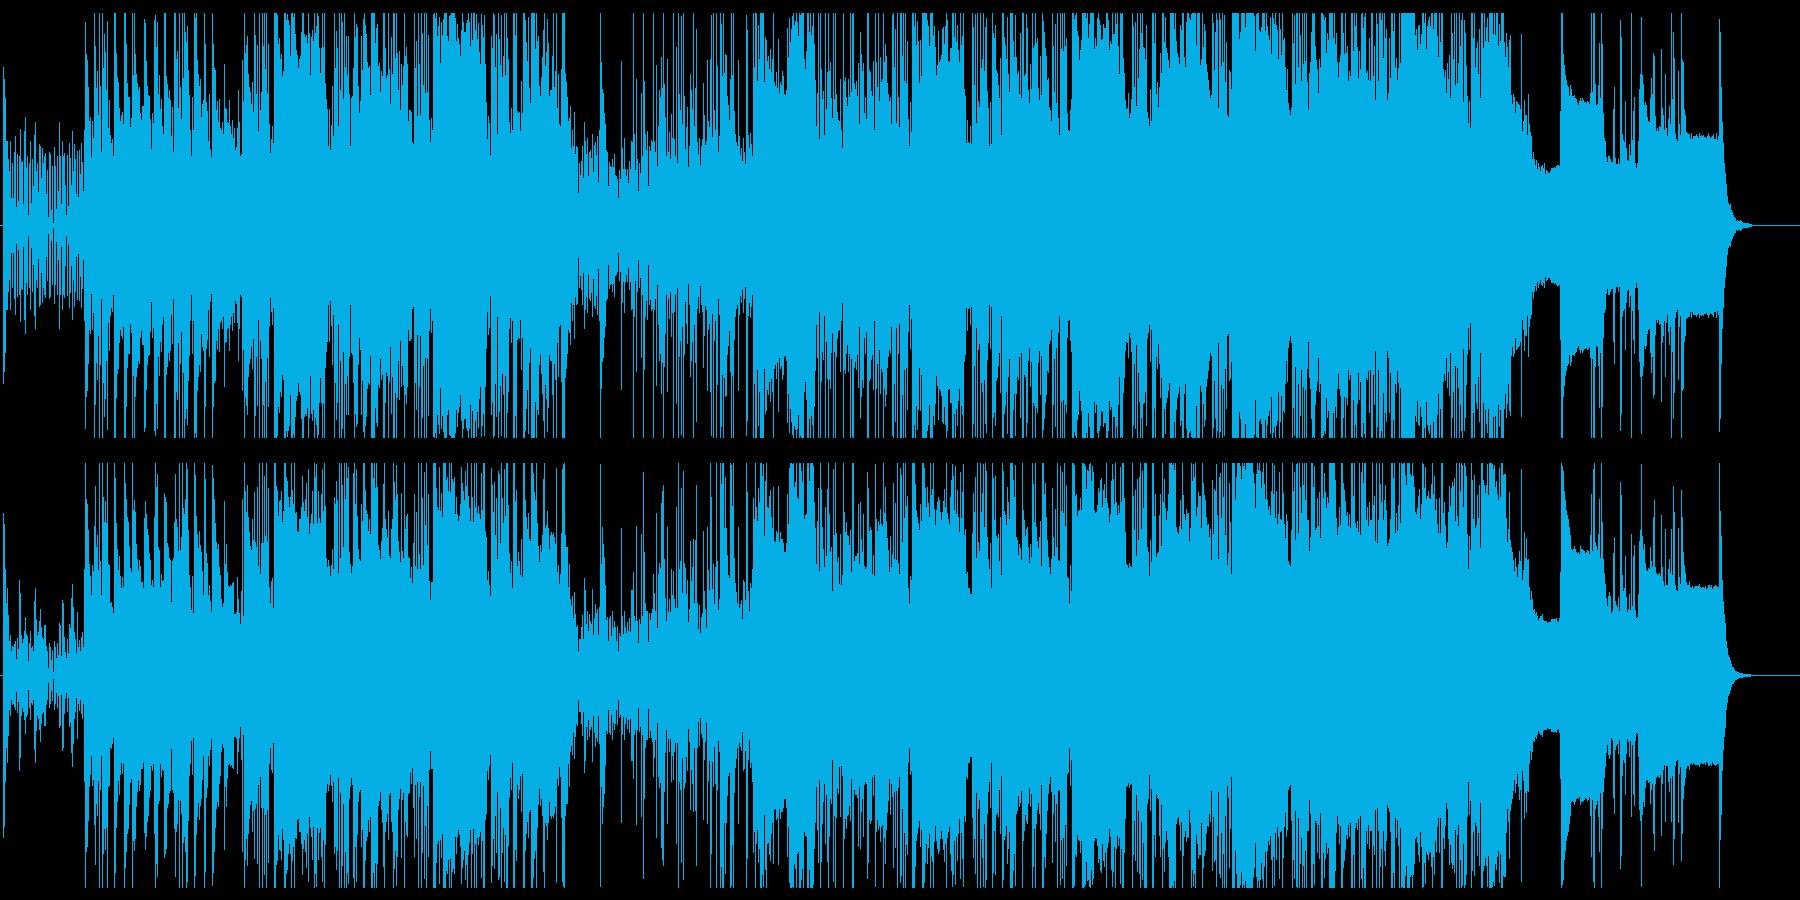 高級な雰囲気のアンビエントの再生済みの波形